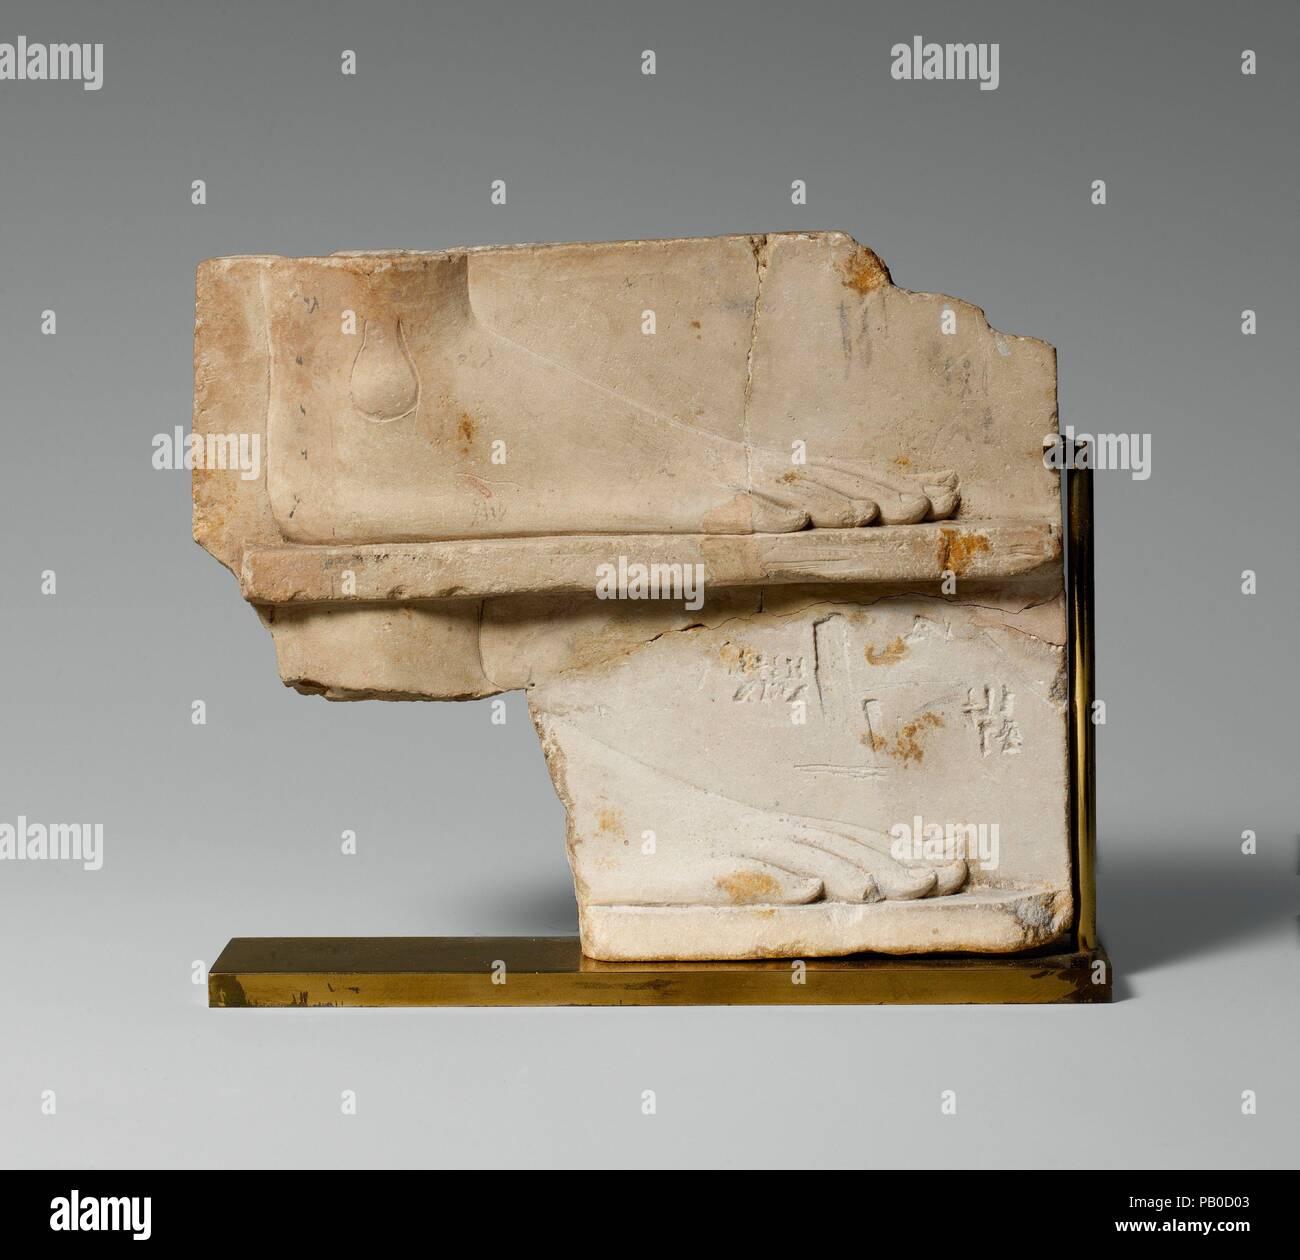 Modelo del escultor alivio votiva con dos lados: el lado